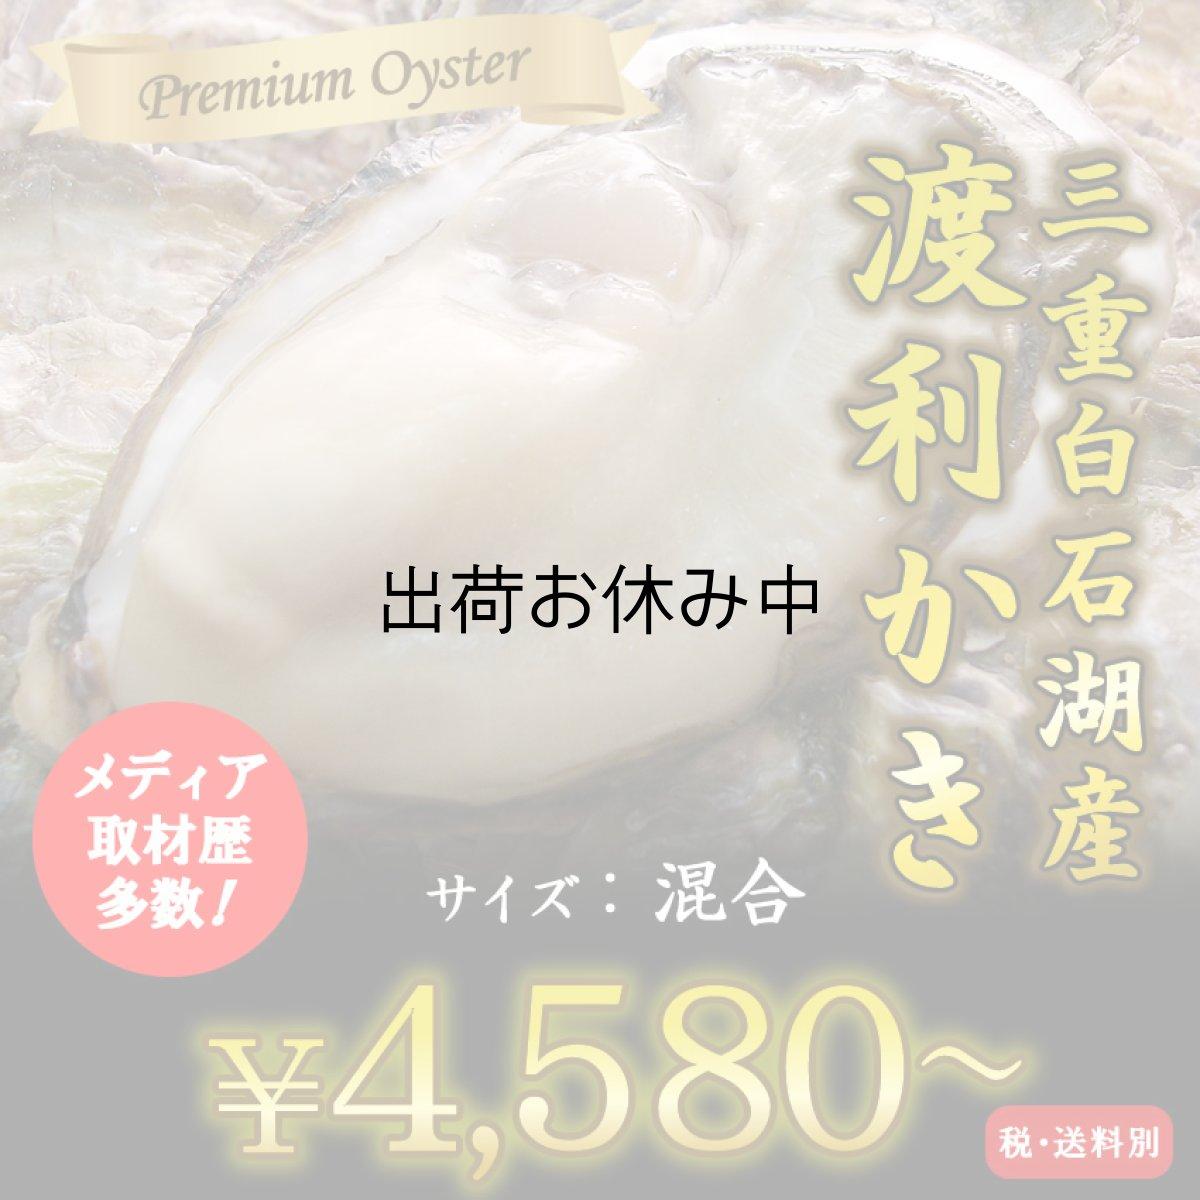 画像1: 三重白石湖産 牡蠣 渡利かき (1)